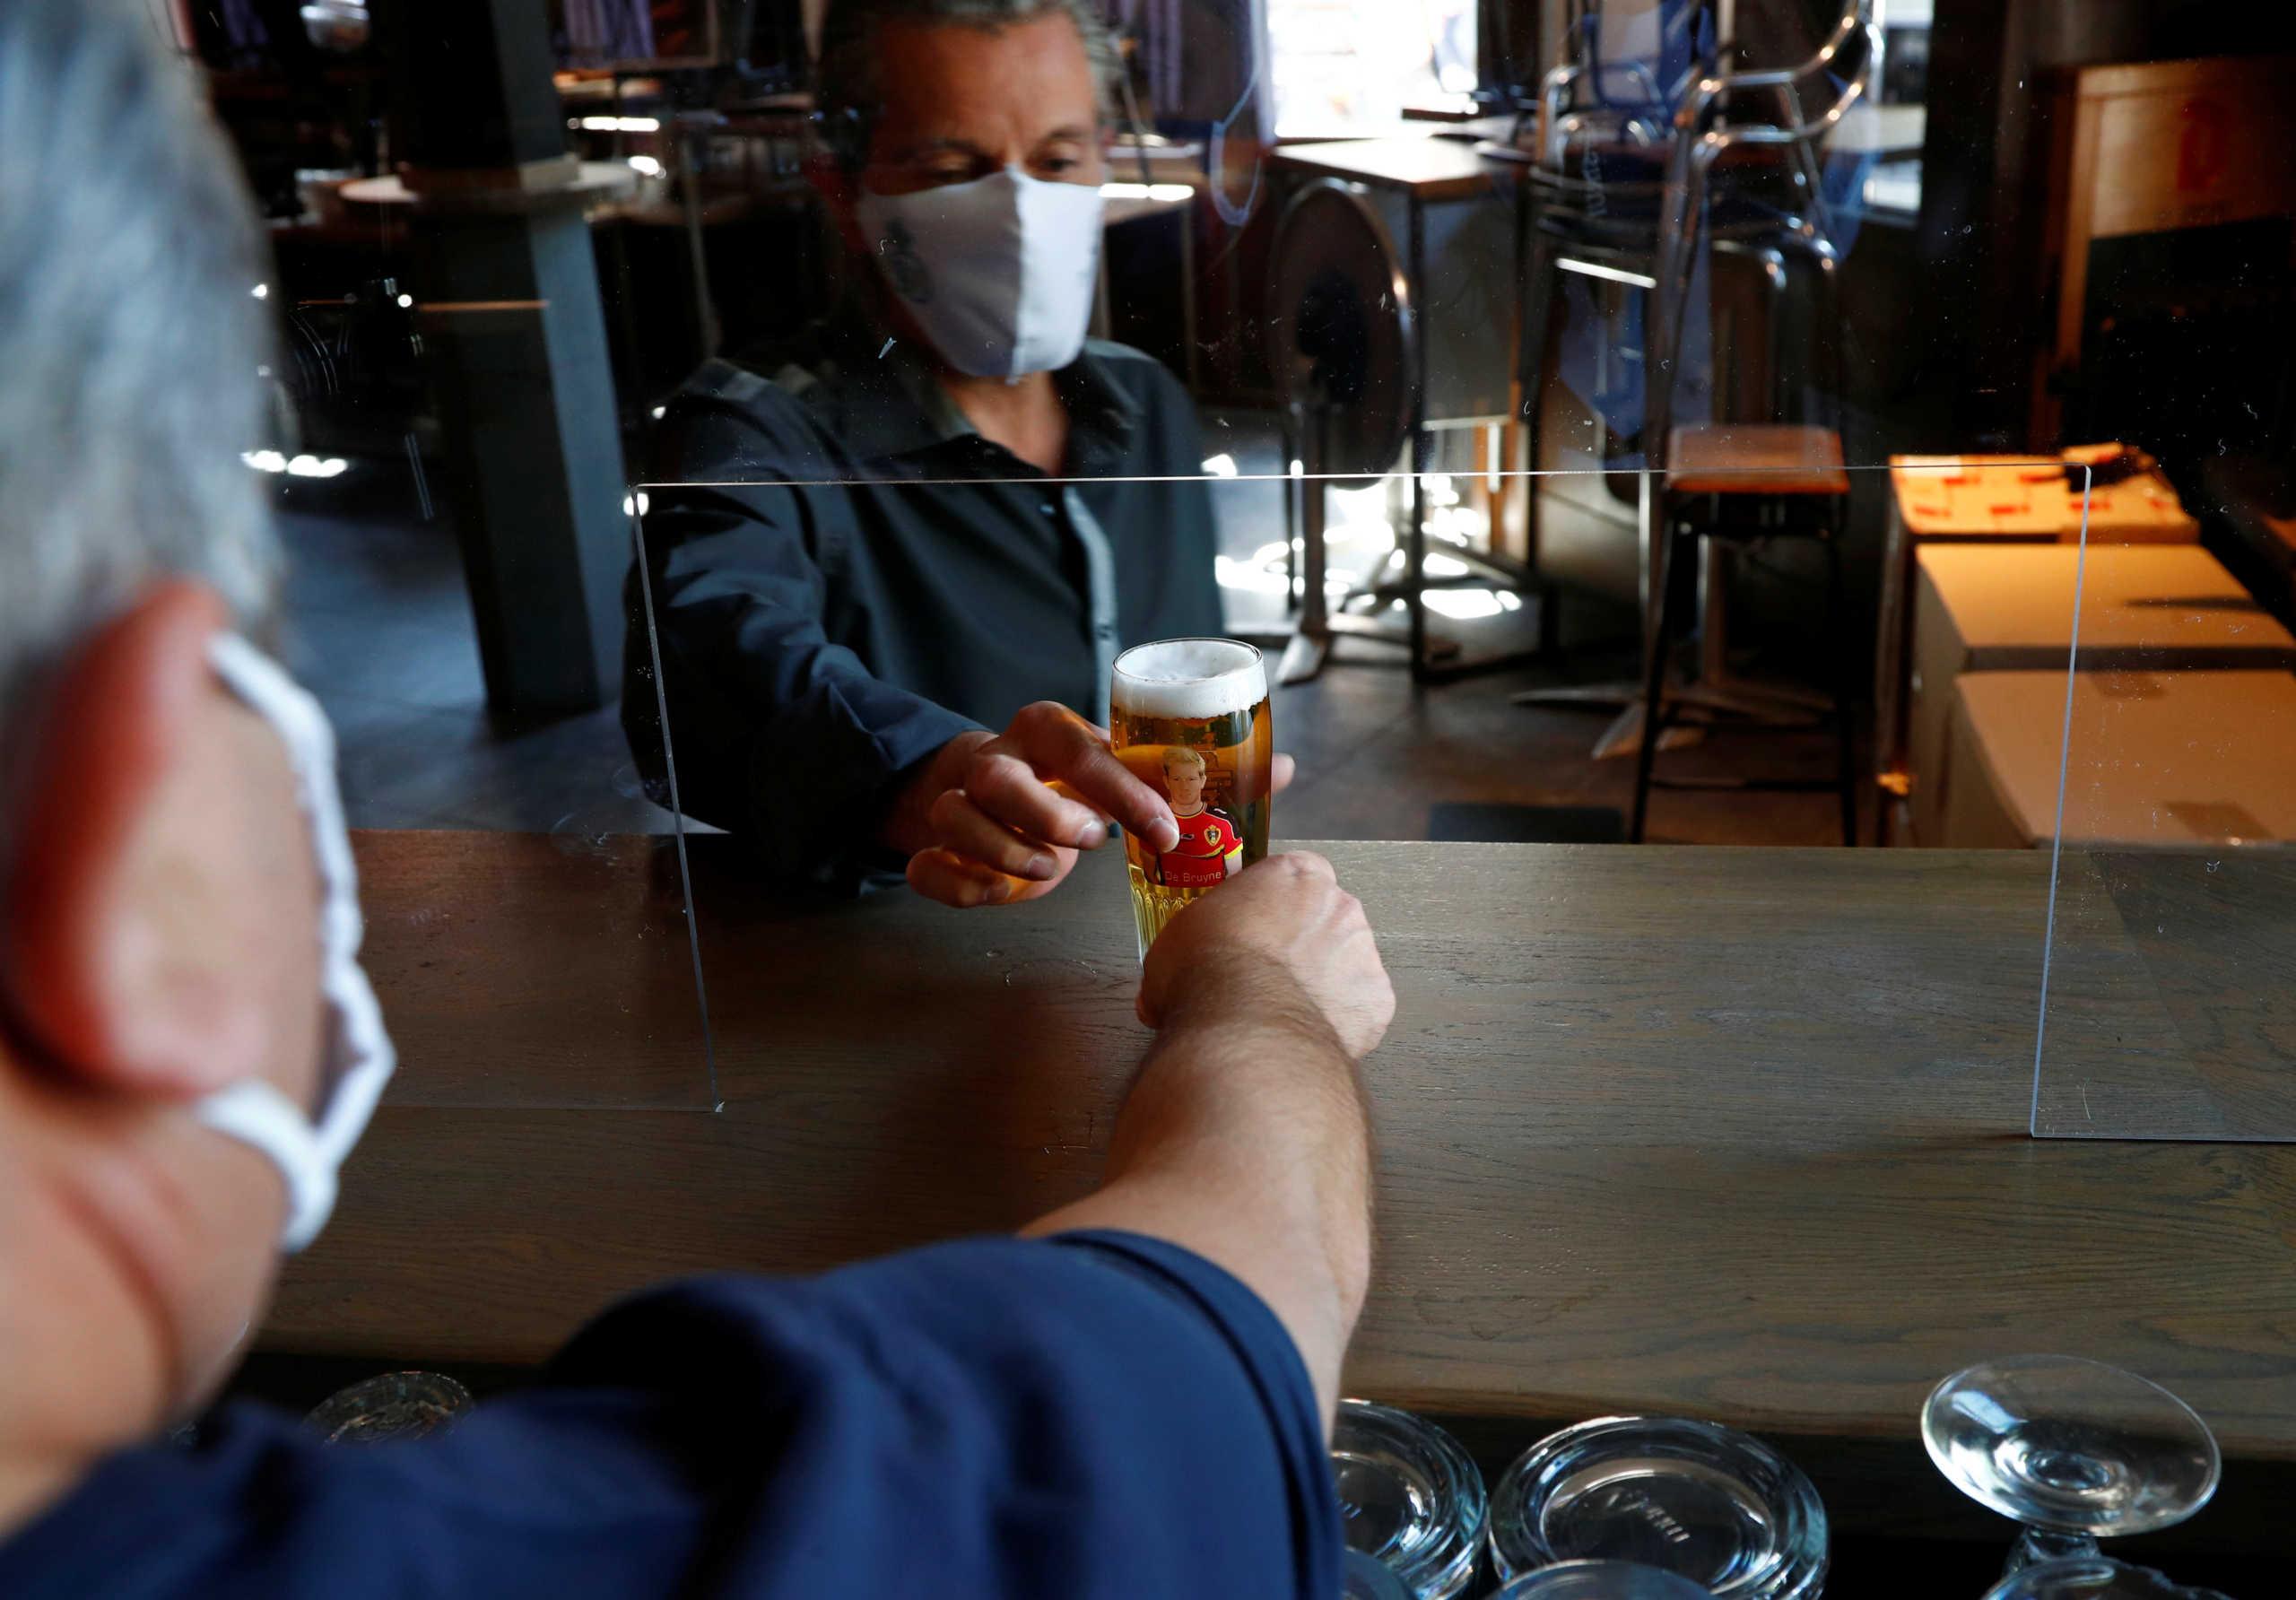 Βέλγιο: Ανοίγουν μπαρ και εστιατόρια – Κλειστά παραμένουν ακόμα τα night club